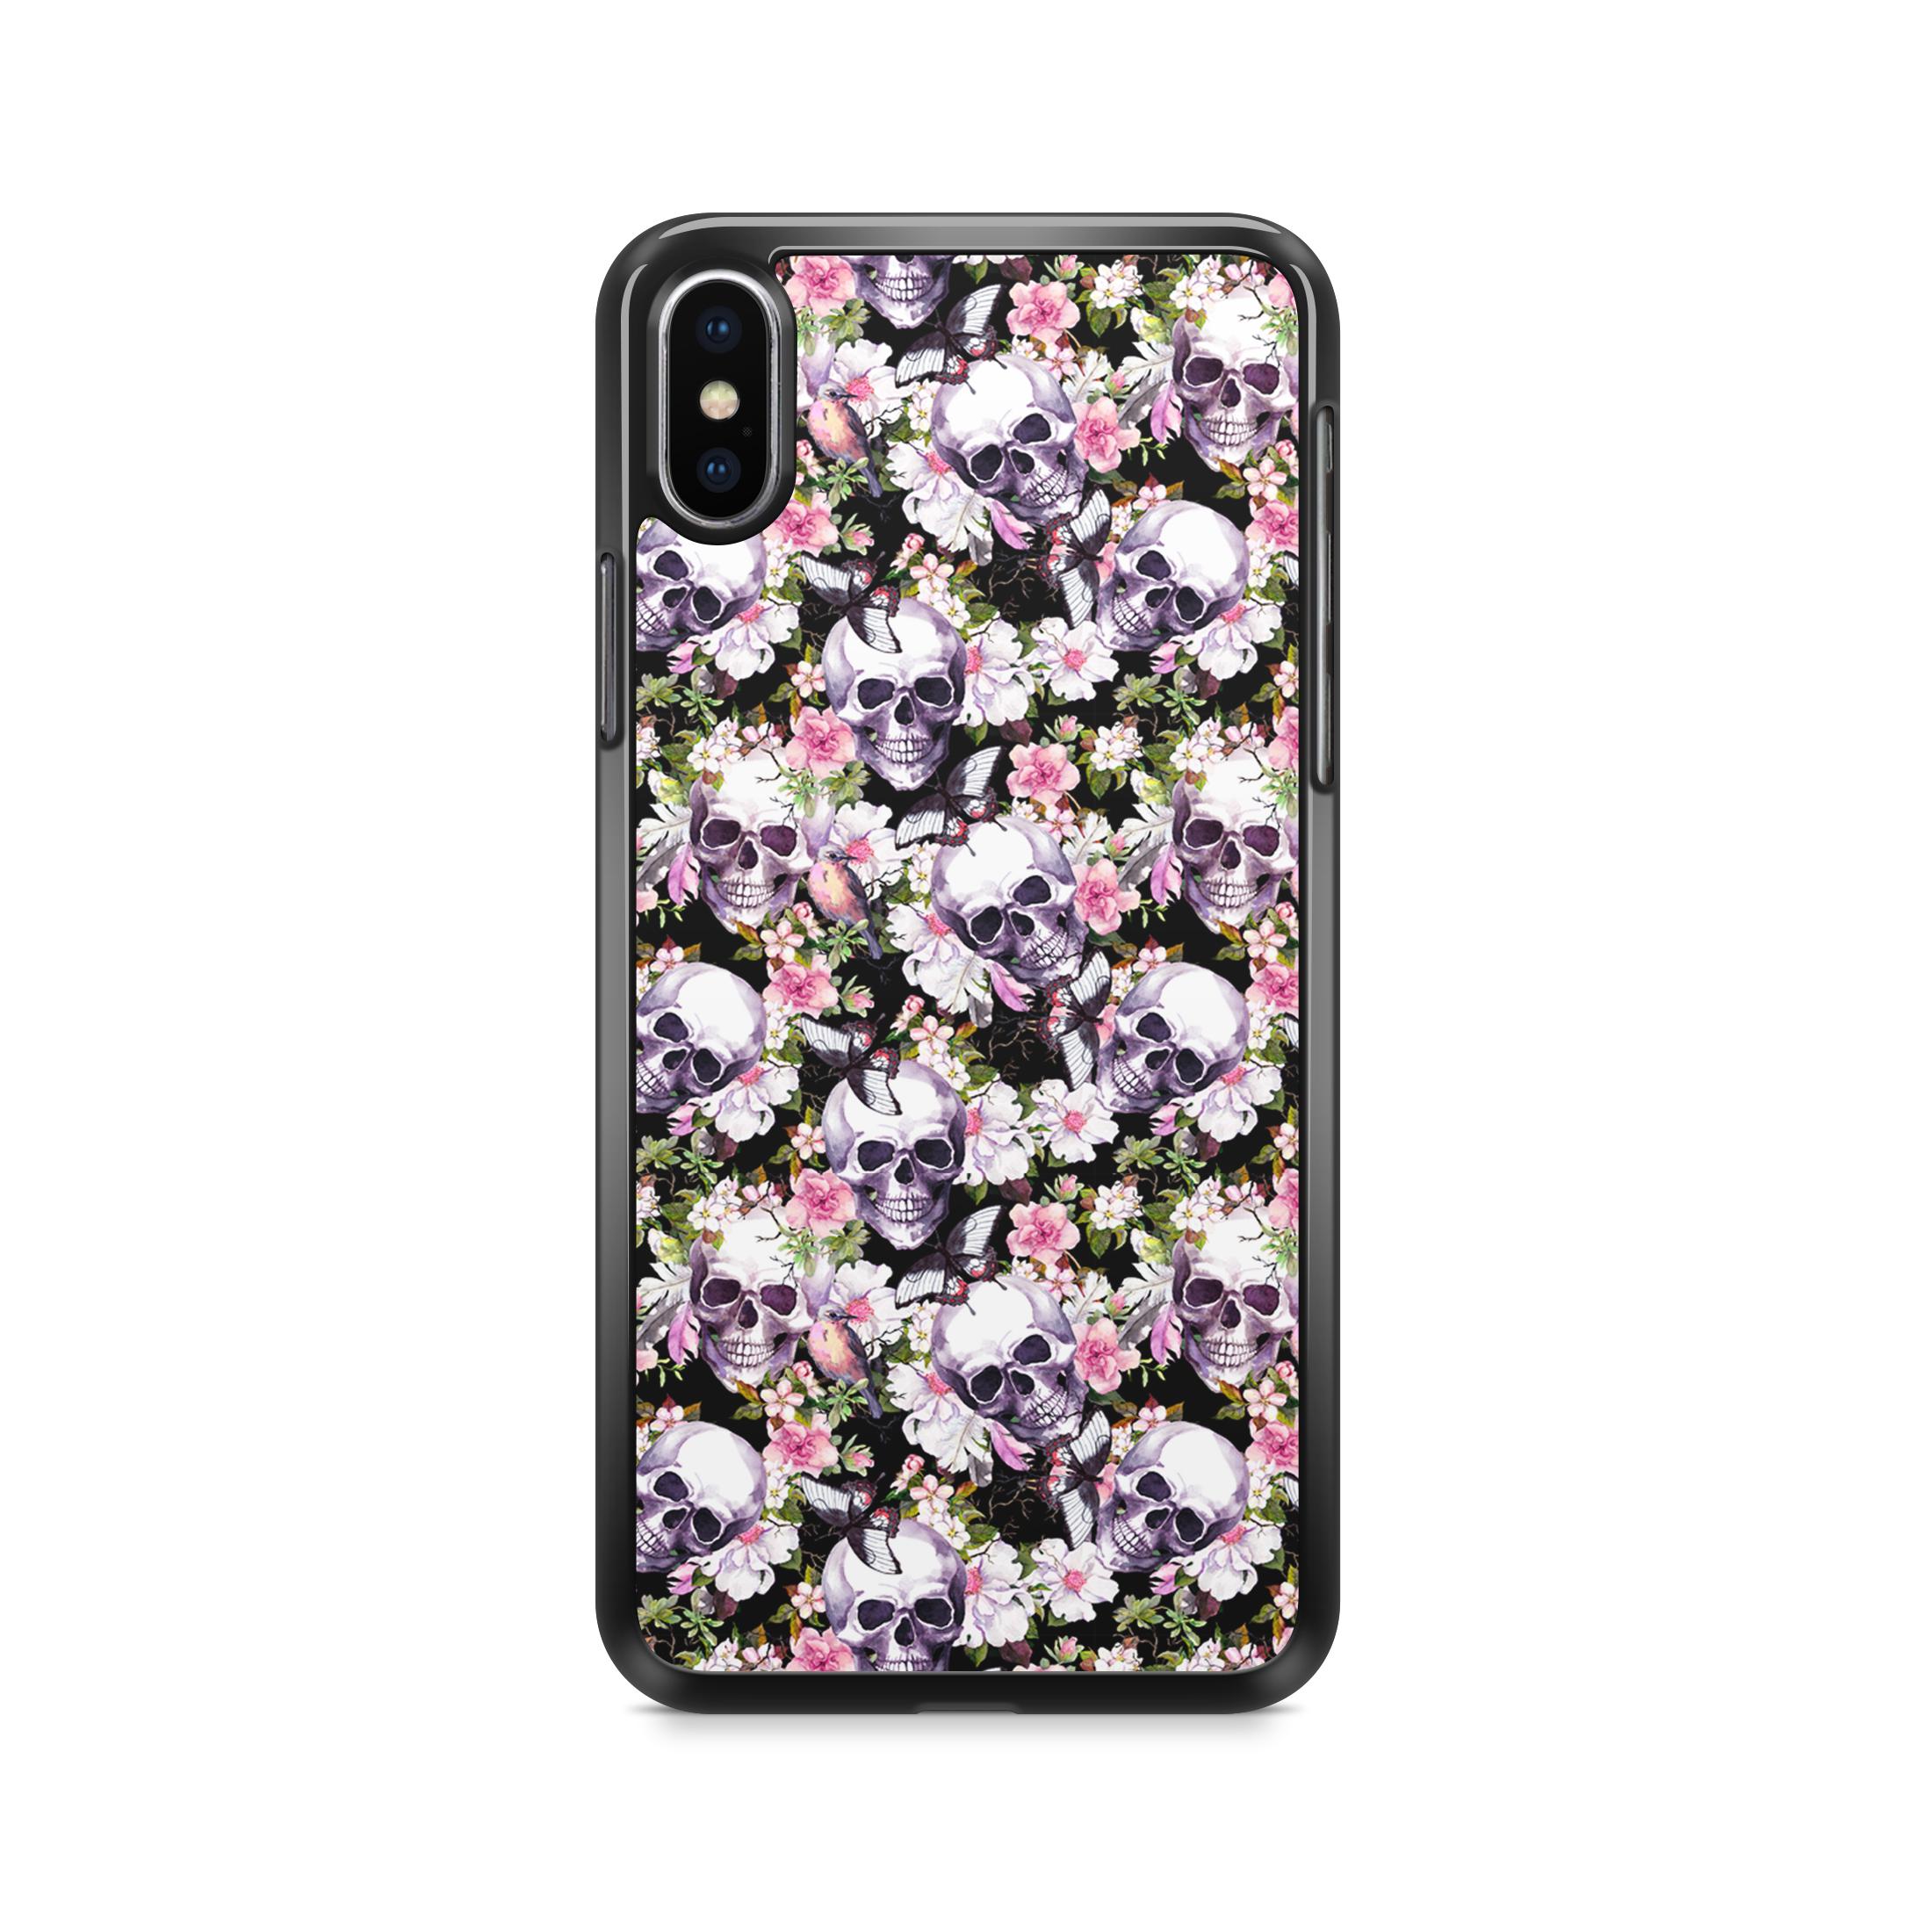 """Чехол для сотового телефона Дайте две! """"Череп и цветы"""" для iPhone X/XS, IPX.CASE-16, разноцветный"""